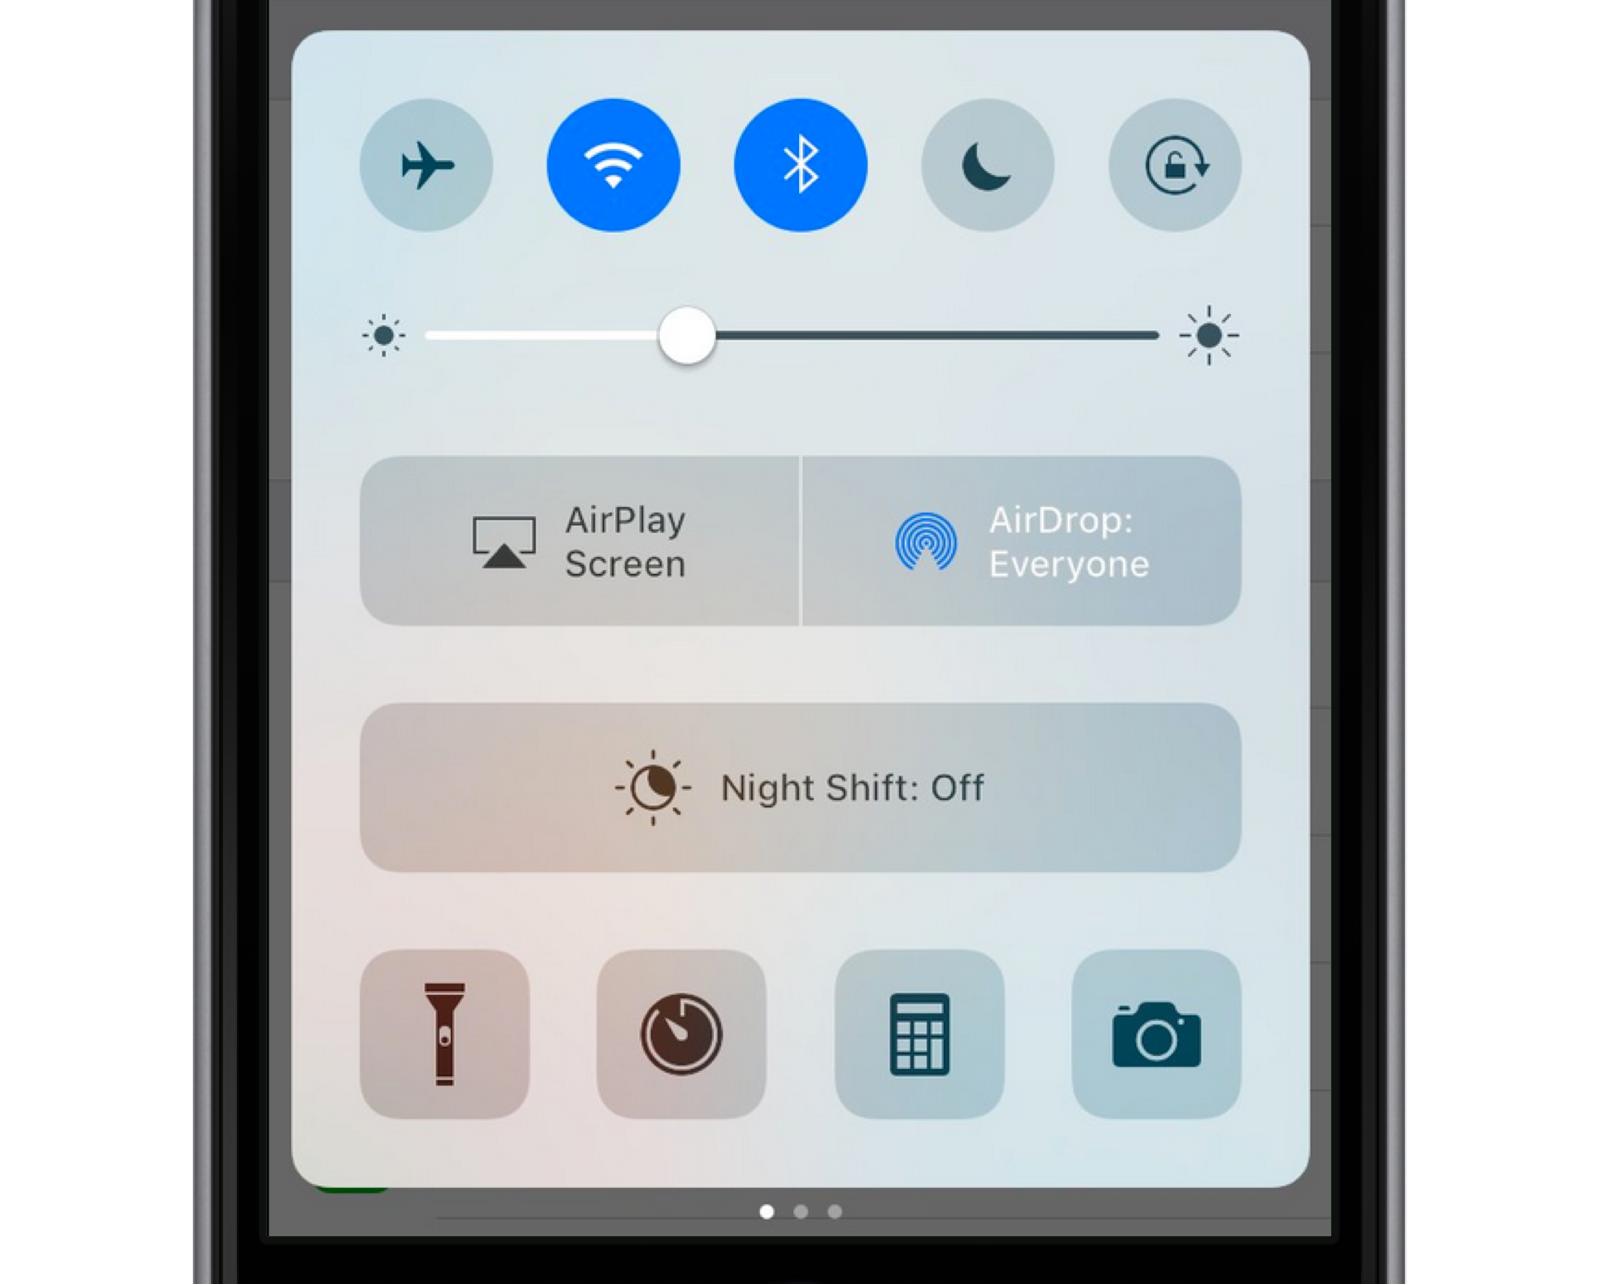 iOS 10 Modular Control Center